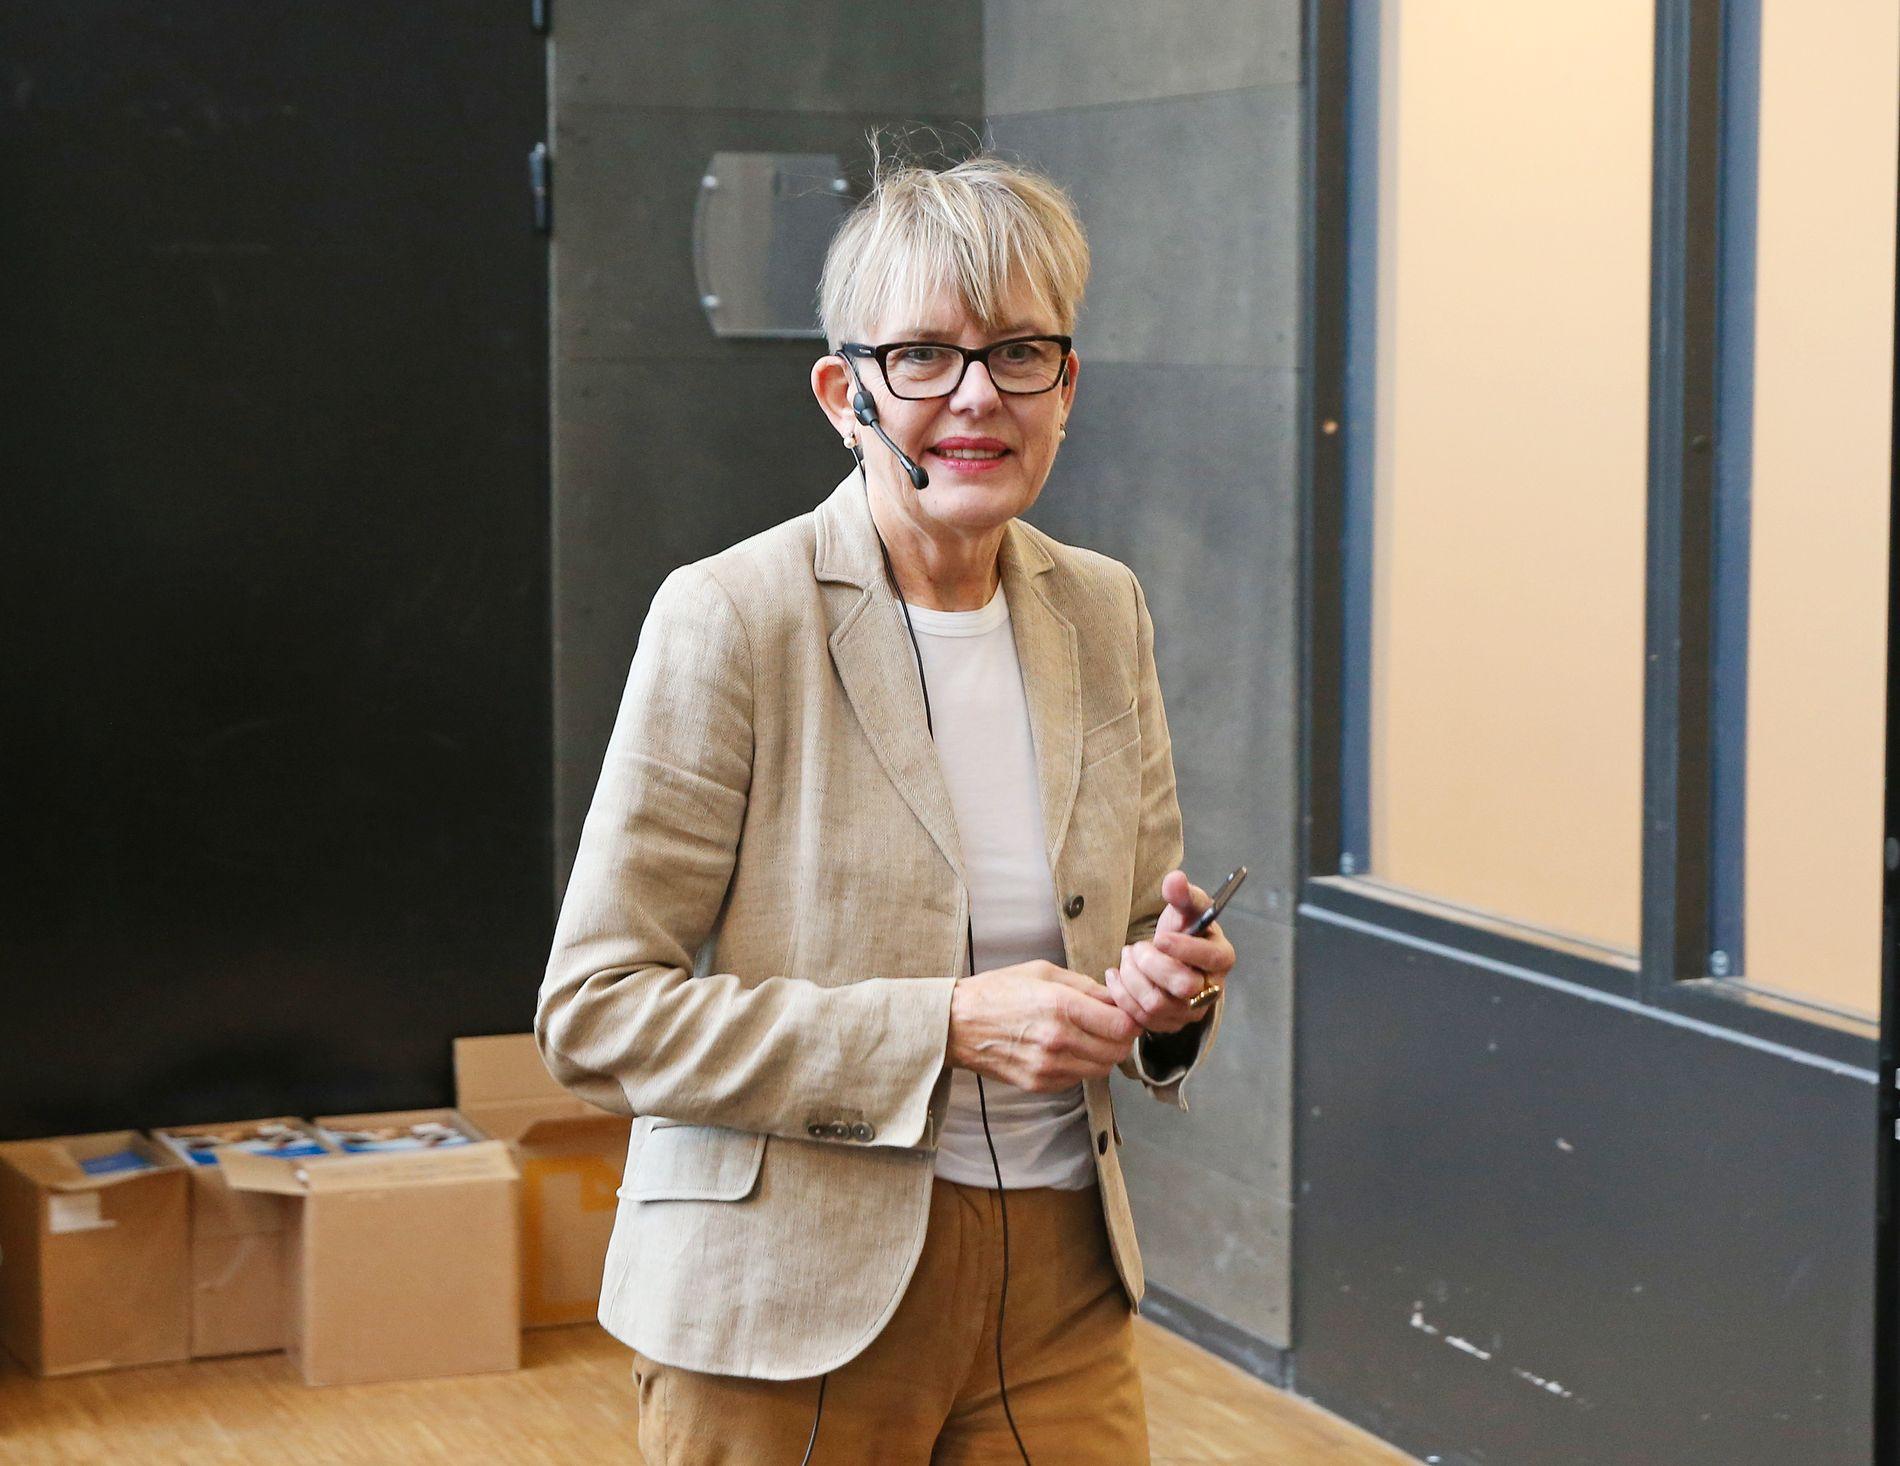 SKOLESJEF: Astrid Søgnen, direktør i Utdanningsetaten i Oslo sier til VG at hun ikke kommenterer arbeidsforholdet sitt. I dag taler hun på et møte med alle skolelederne i Oslo på Fyrstikkalleen skole (F21).